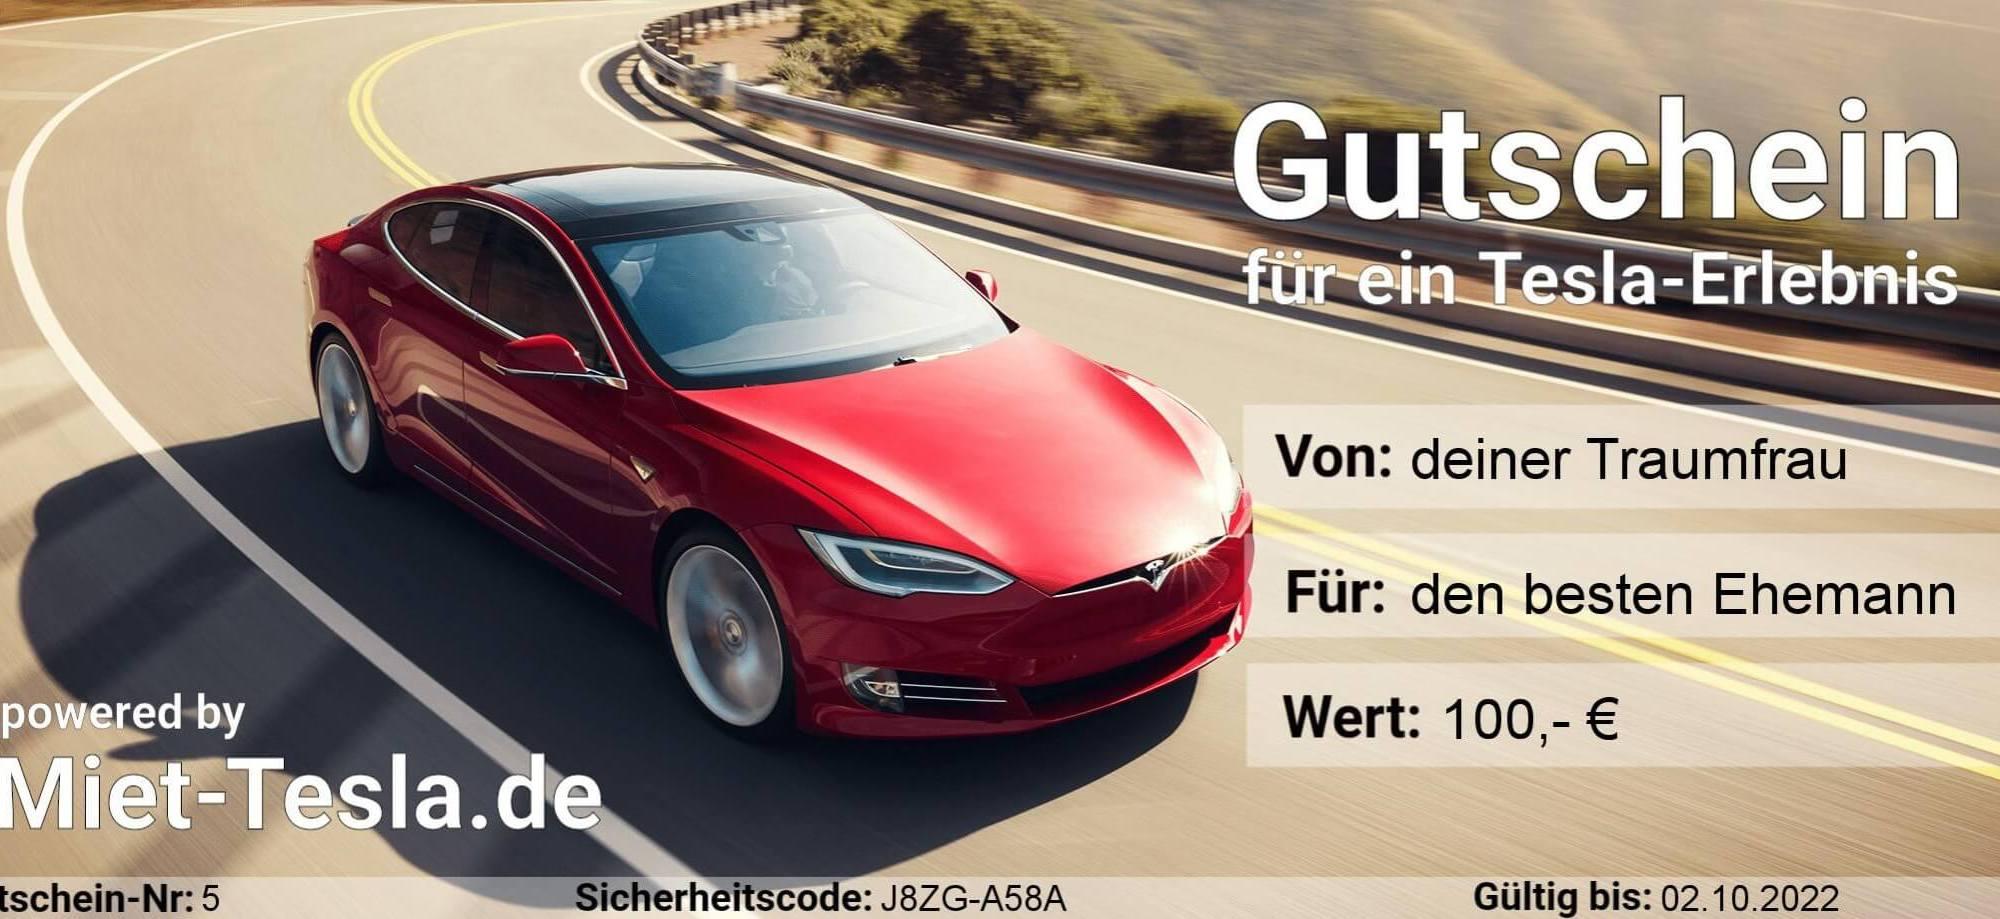 Tesla Geschenk Gutschein